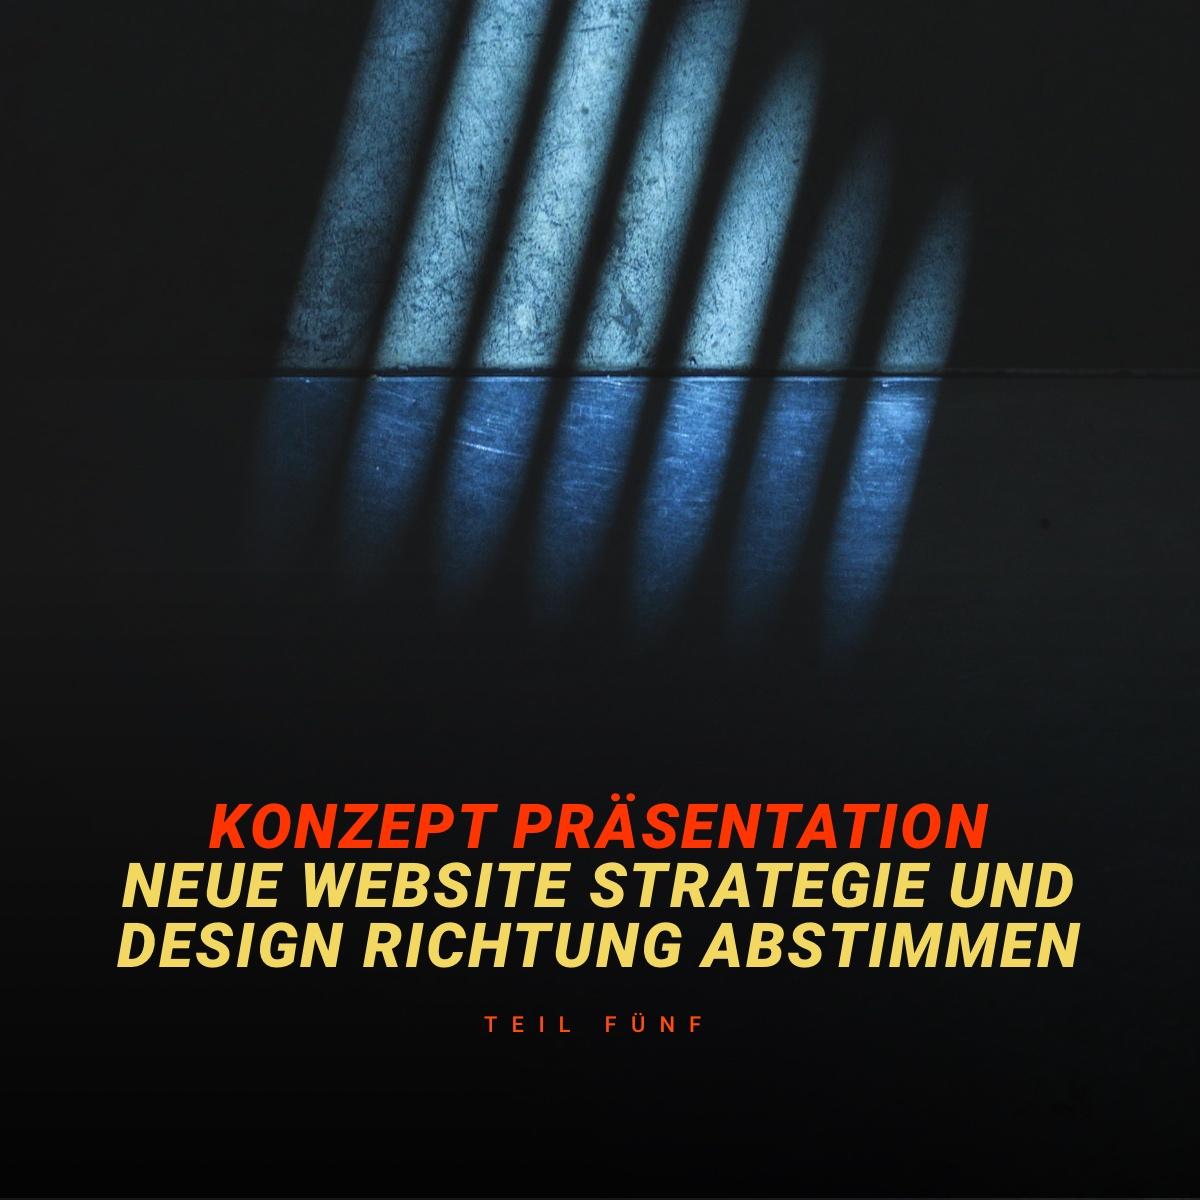 Website Konzept und Design Richtung abstimmen – Kunden-Präsentation (Part 5)